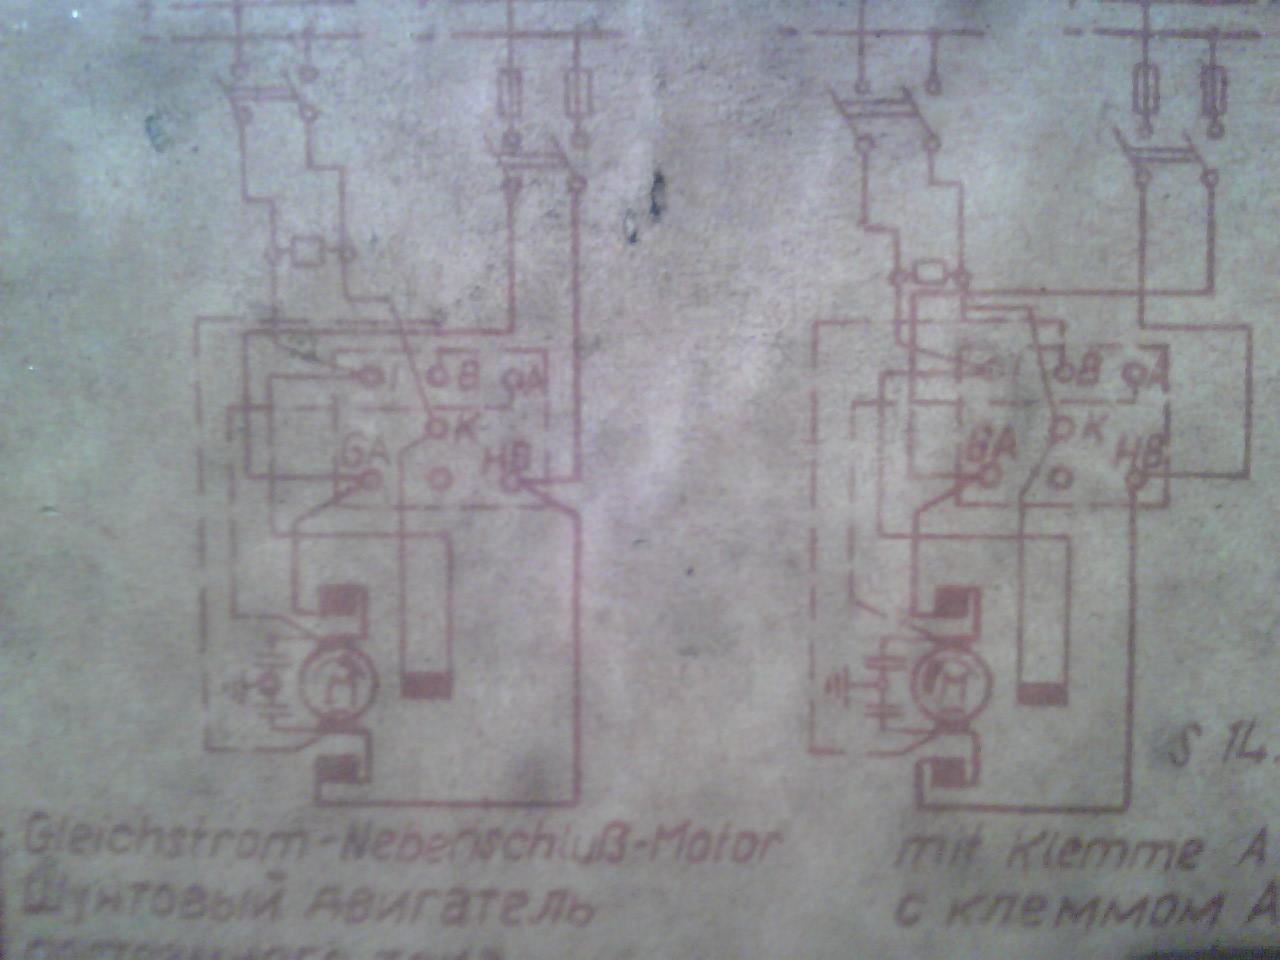 DC100527004.jpg